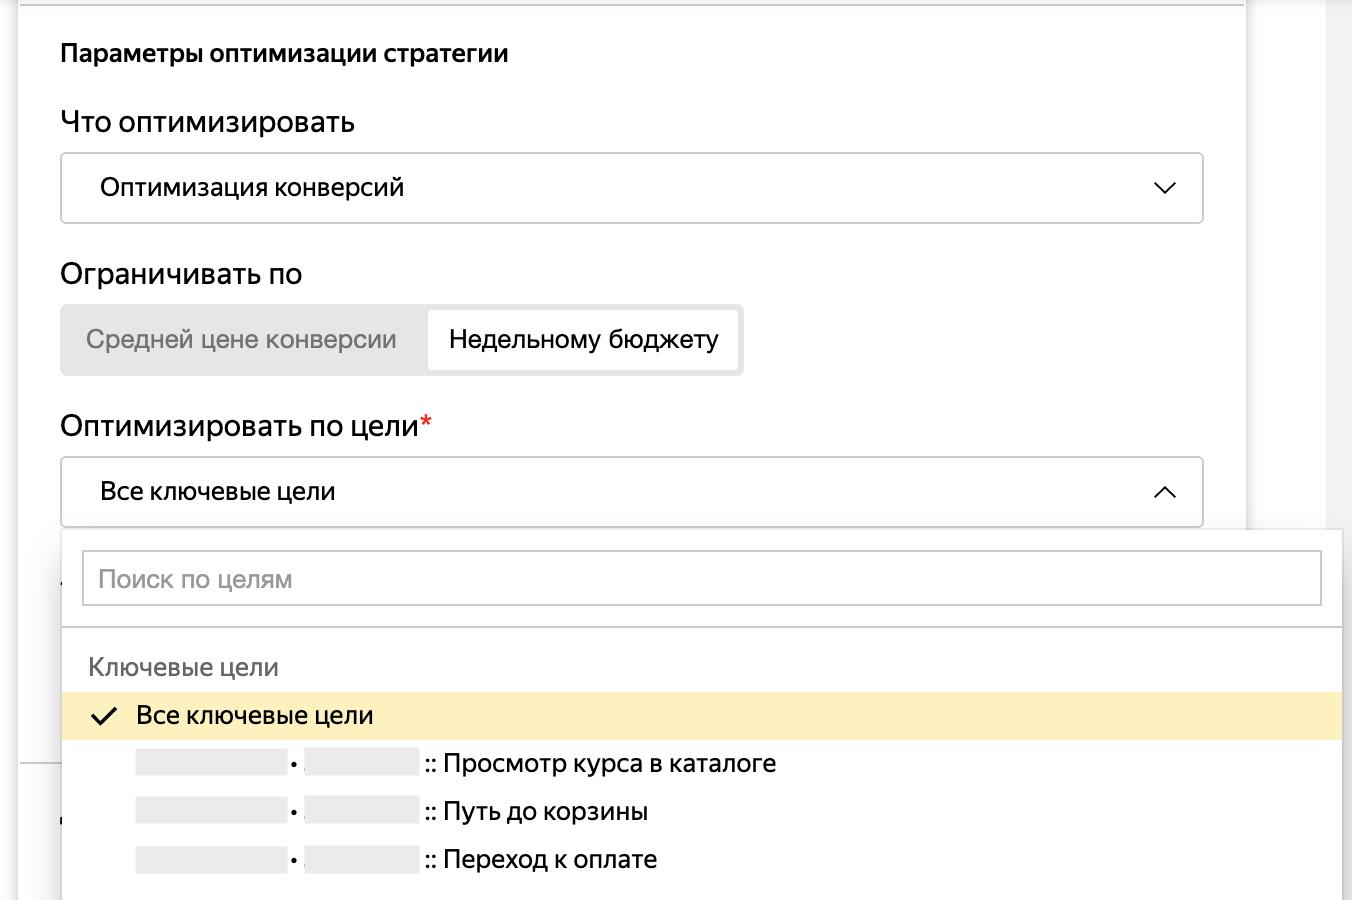 Оптимизация по нескольким ключевым целям в «Яндекс.Директ»